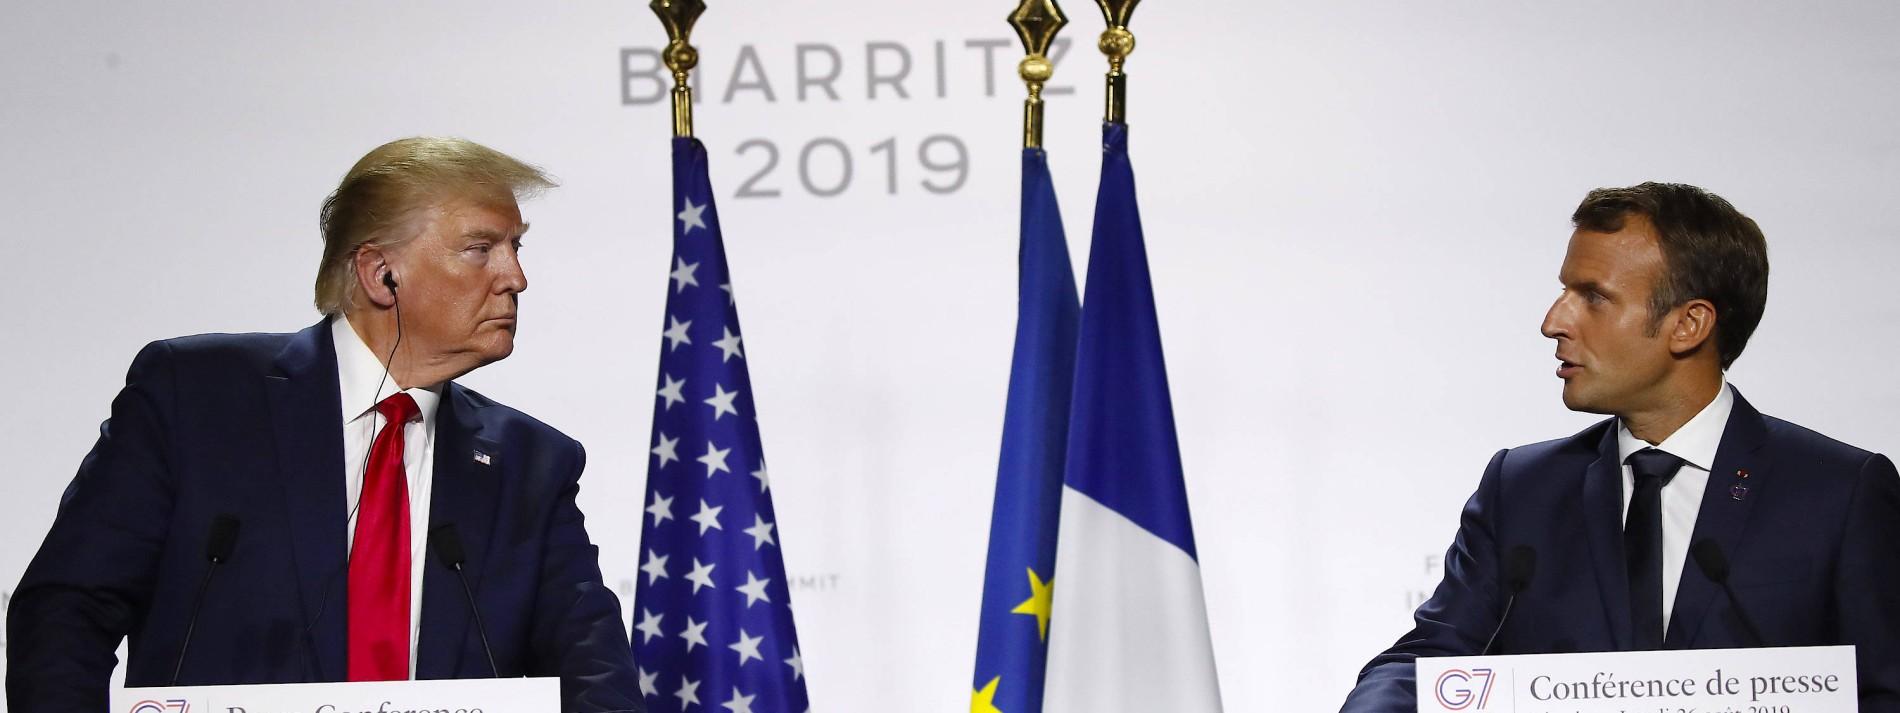 Trump erwägt Treffen mit iranischem Präsidenten